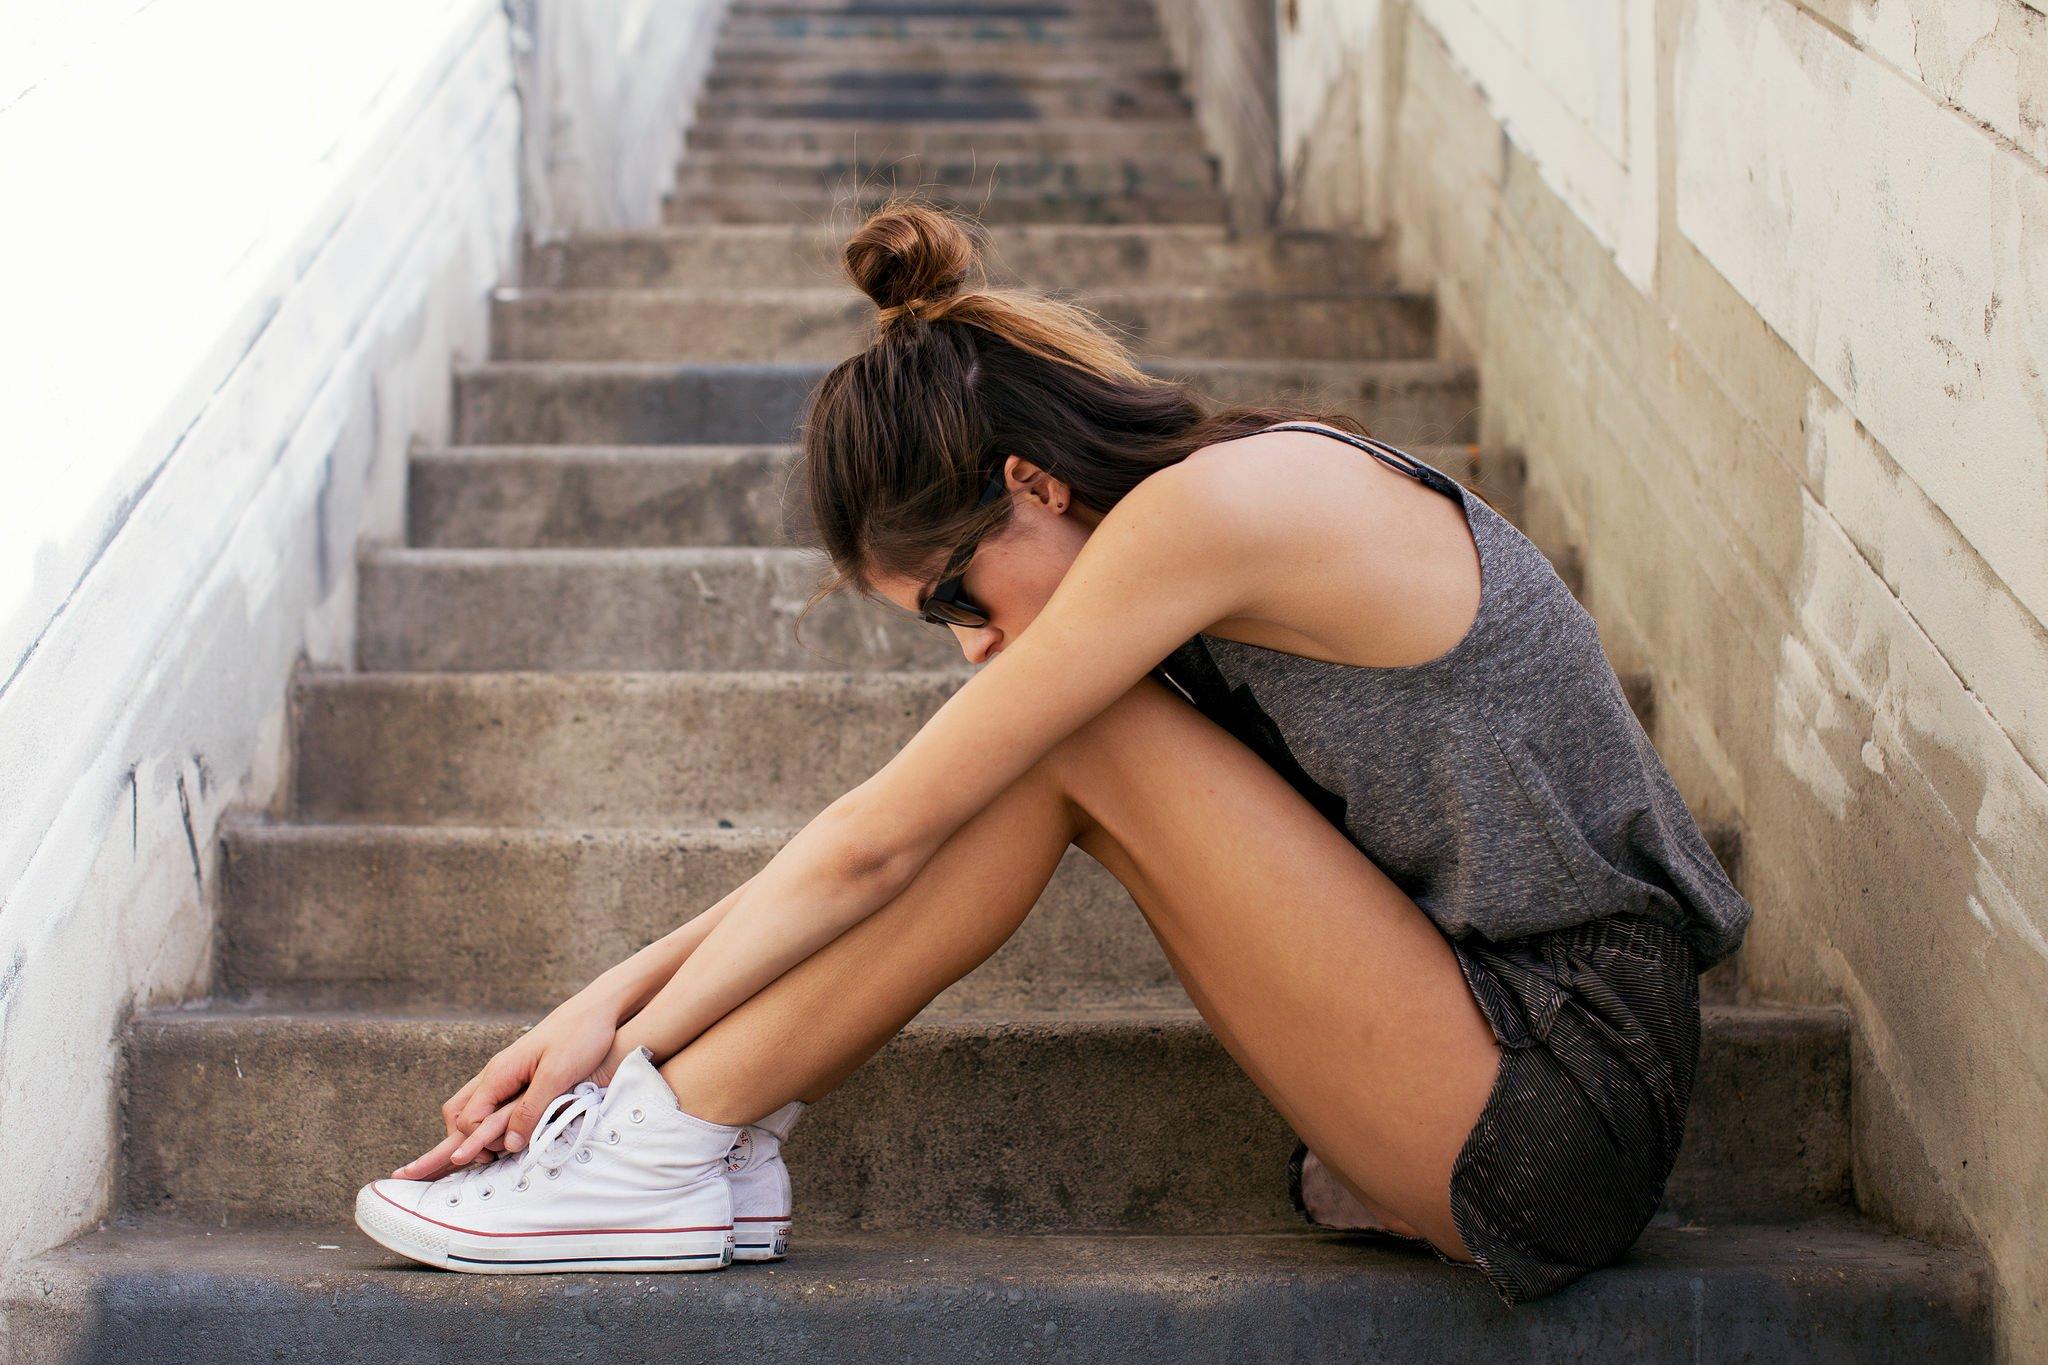 Фото девочка в юбке на корточках, Дамы на корточках без трусиков 18 фотография